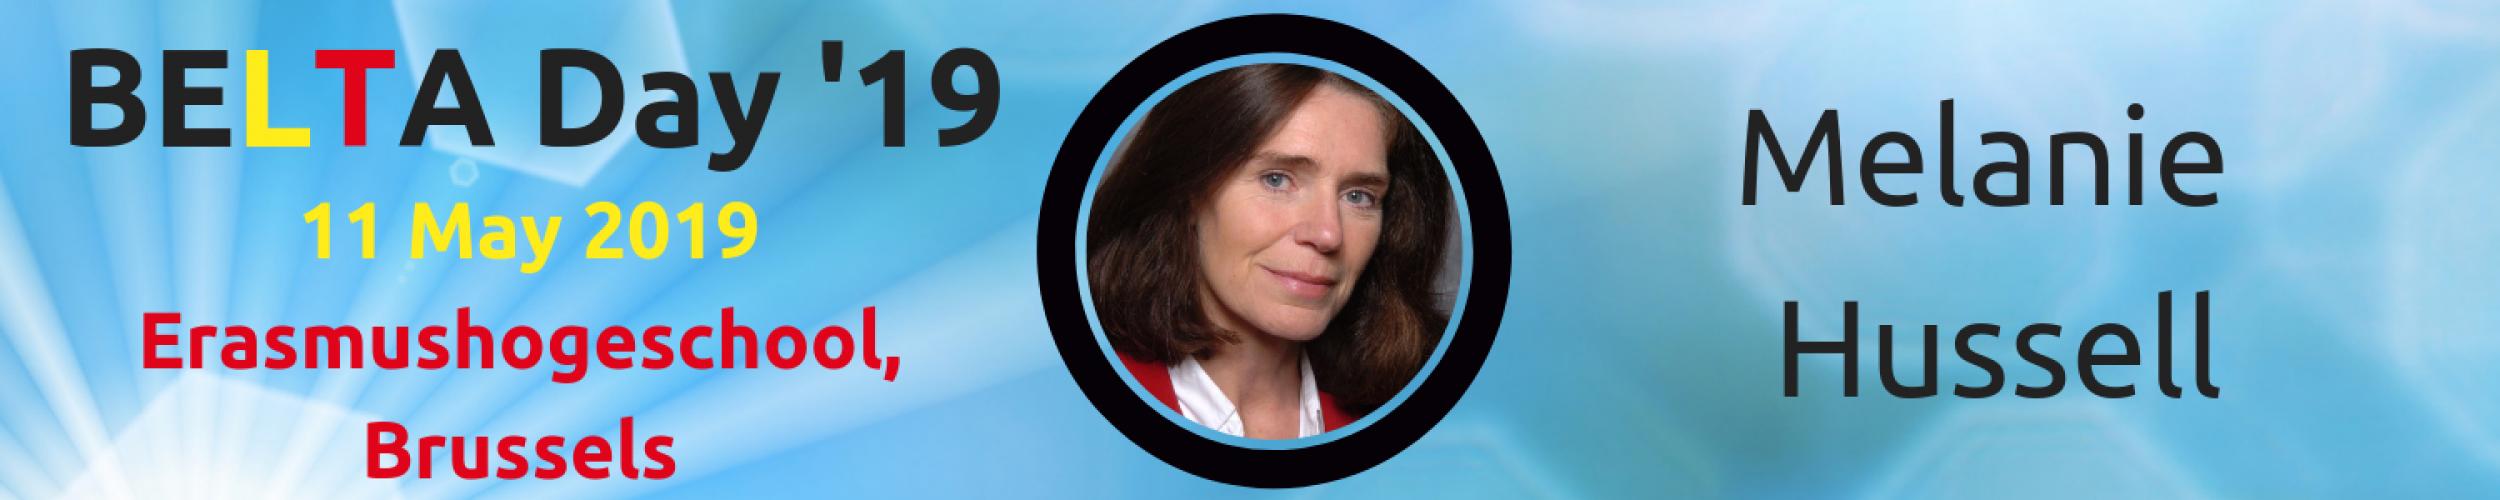 BELTA Day '19: Meet the Speakers: Melanie Hussell